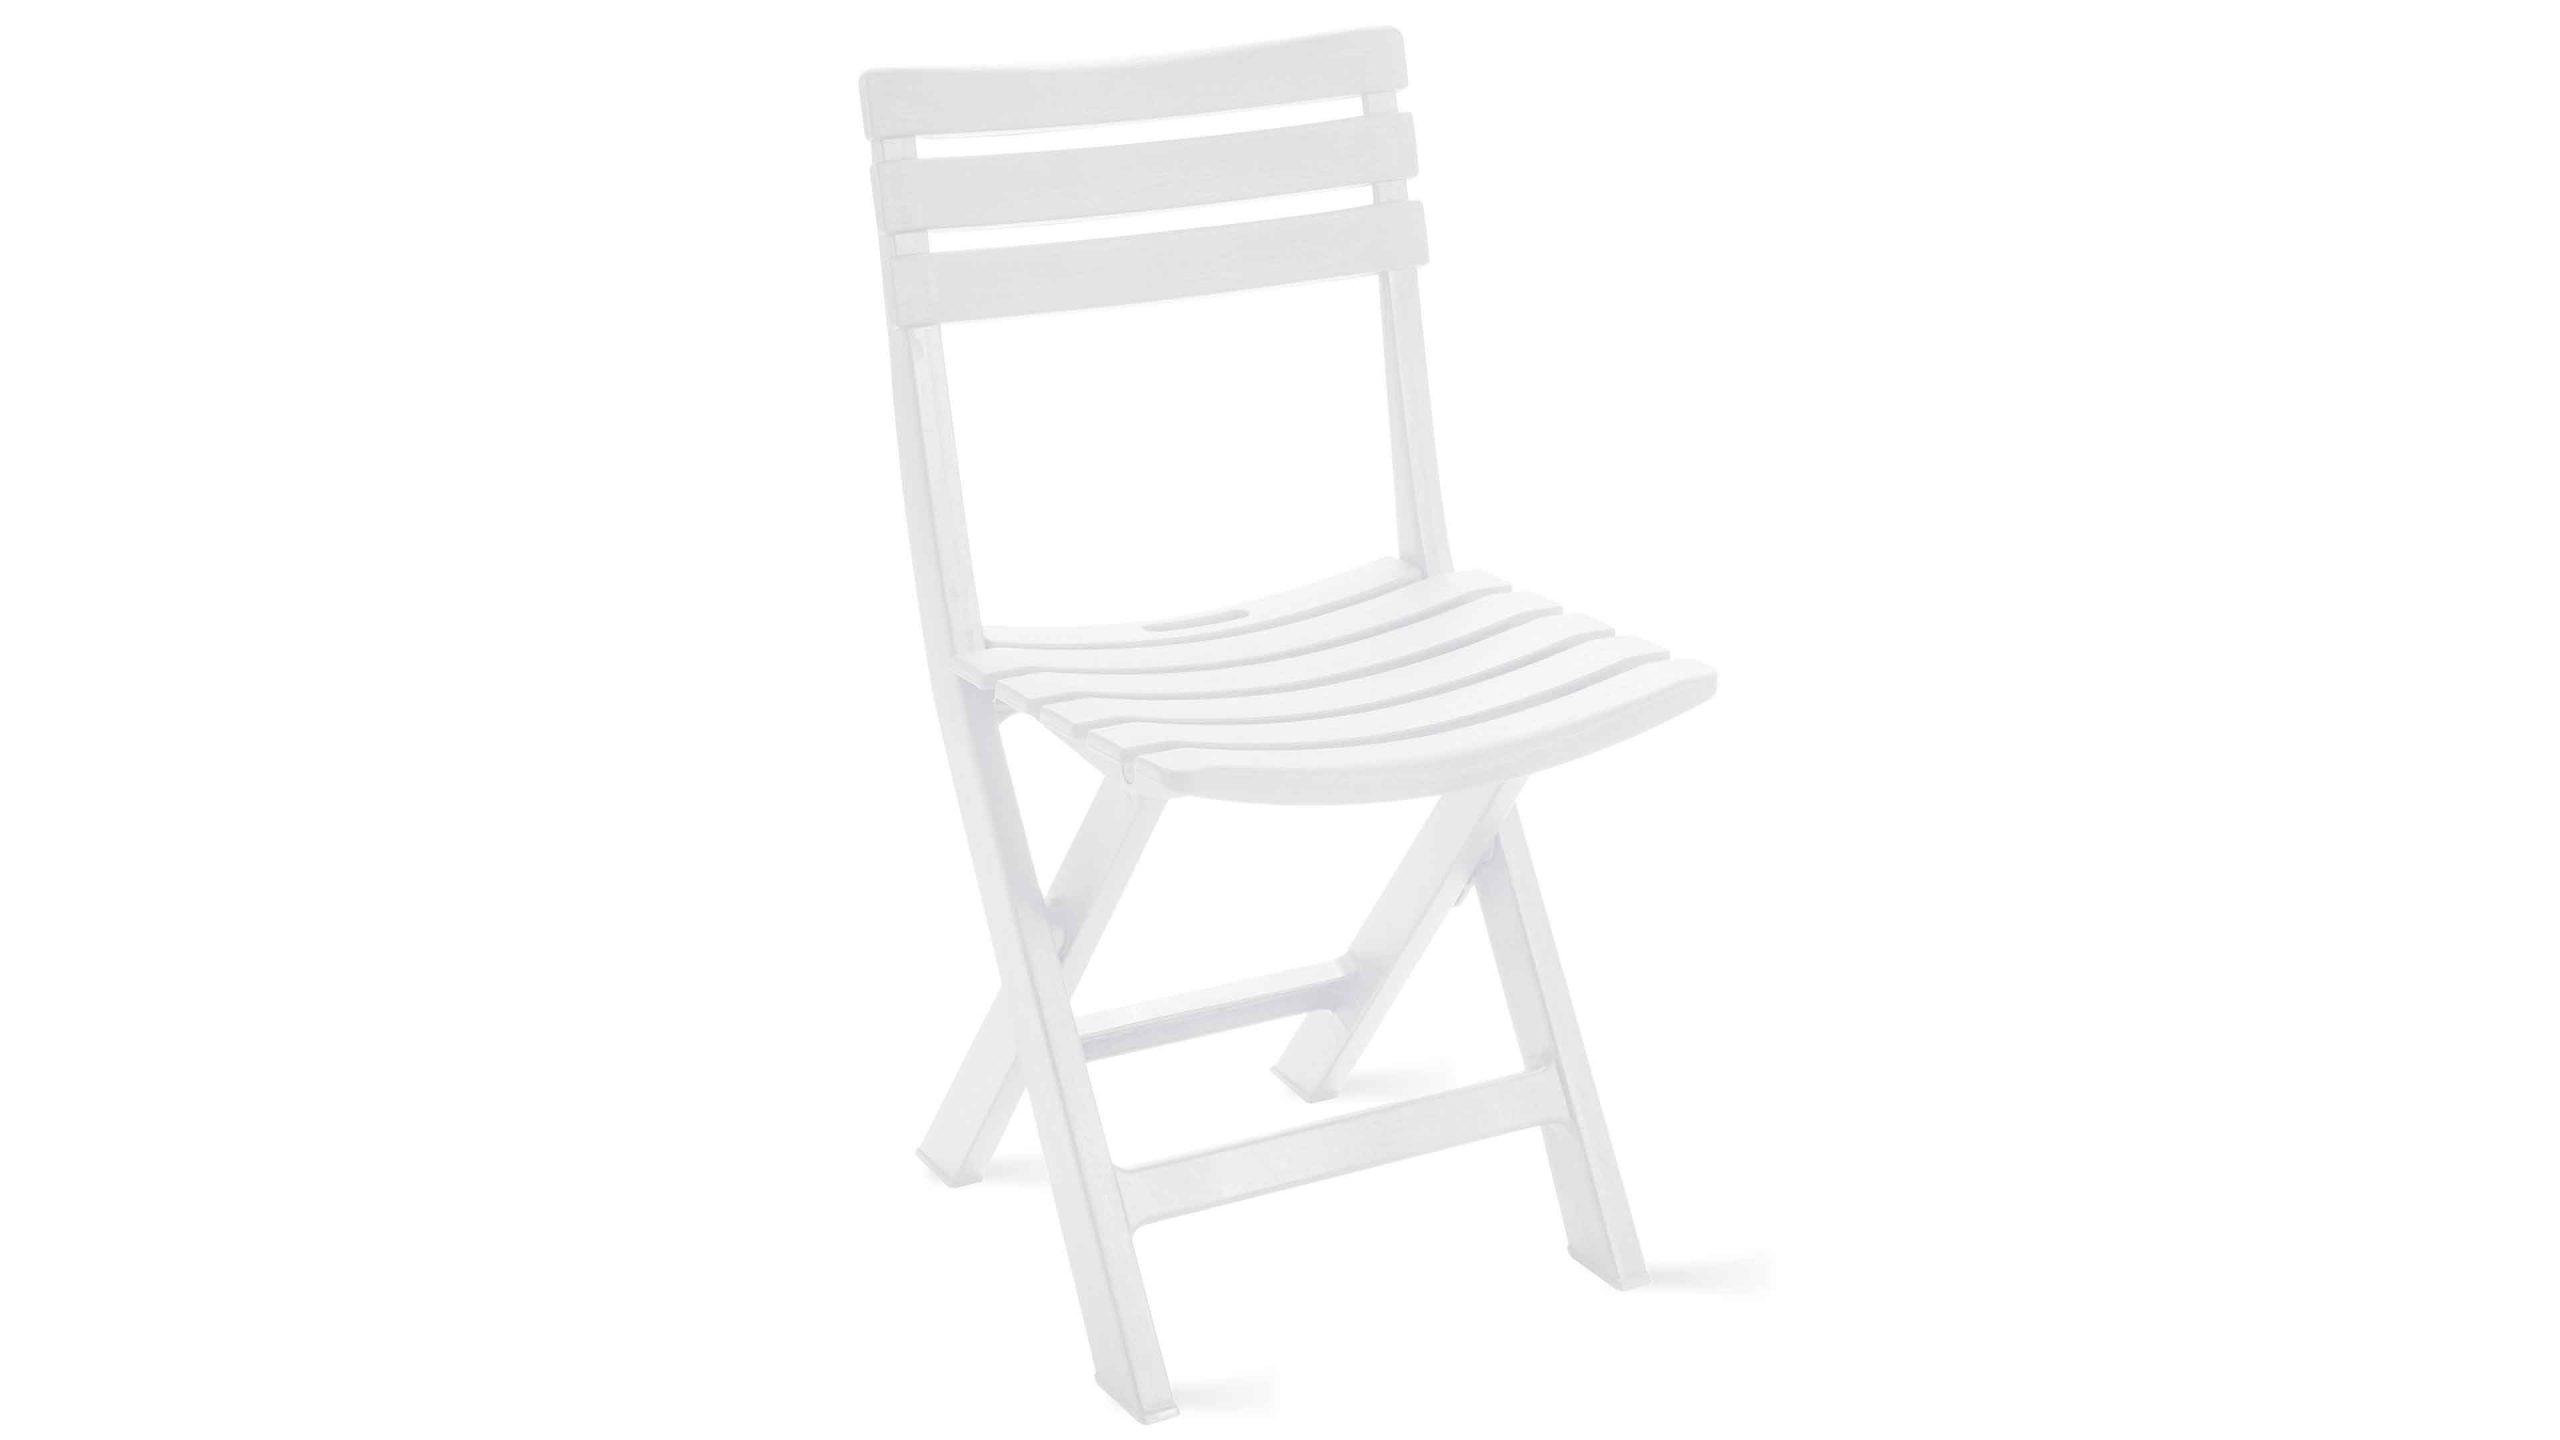 Chaise Pliante De Jardin En Pvc encequiconcerne Chaise De Jardin Pliante Pas Cher